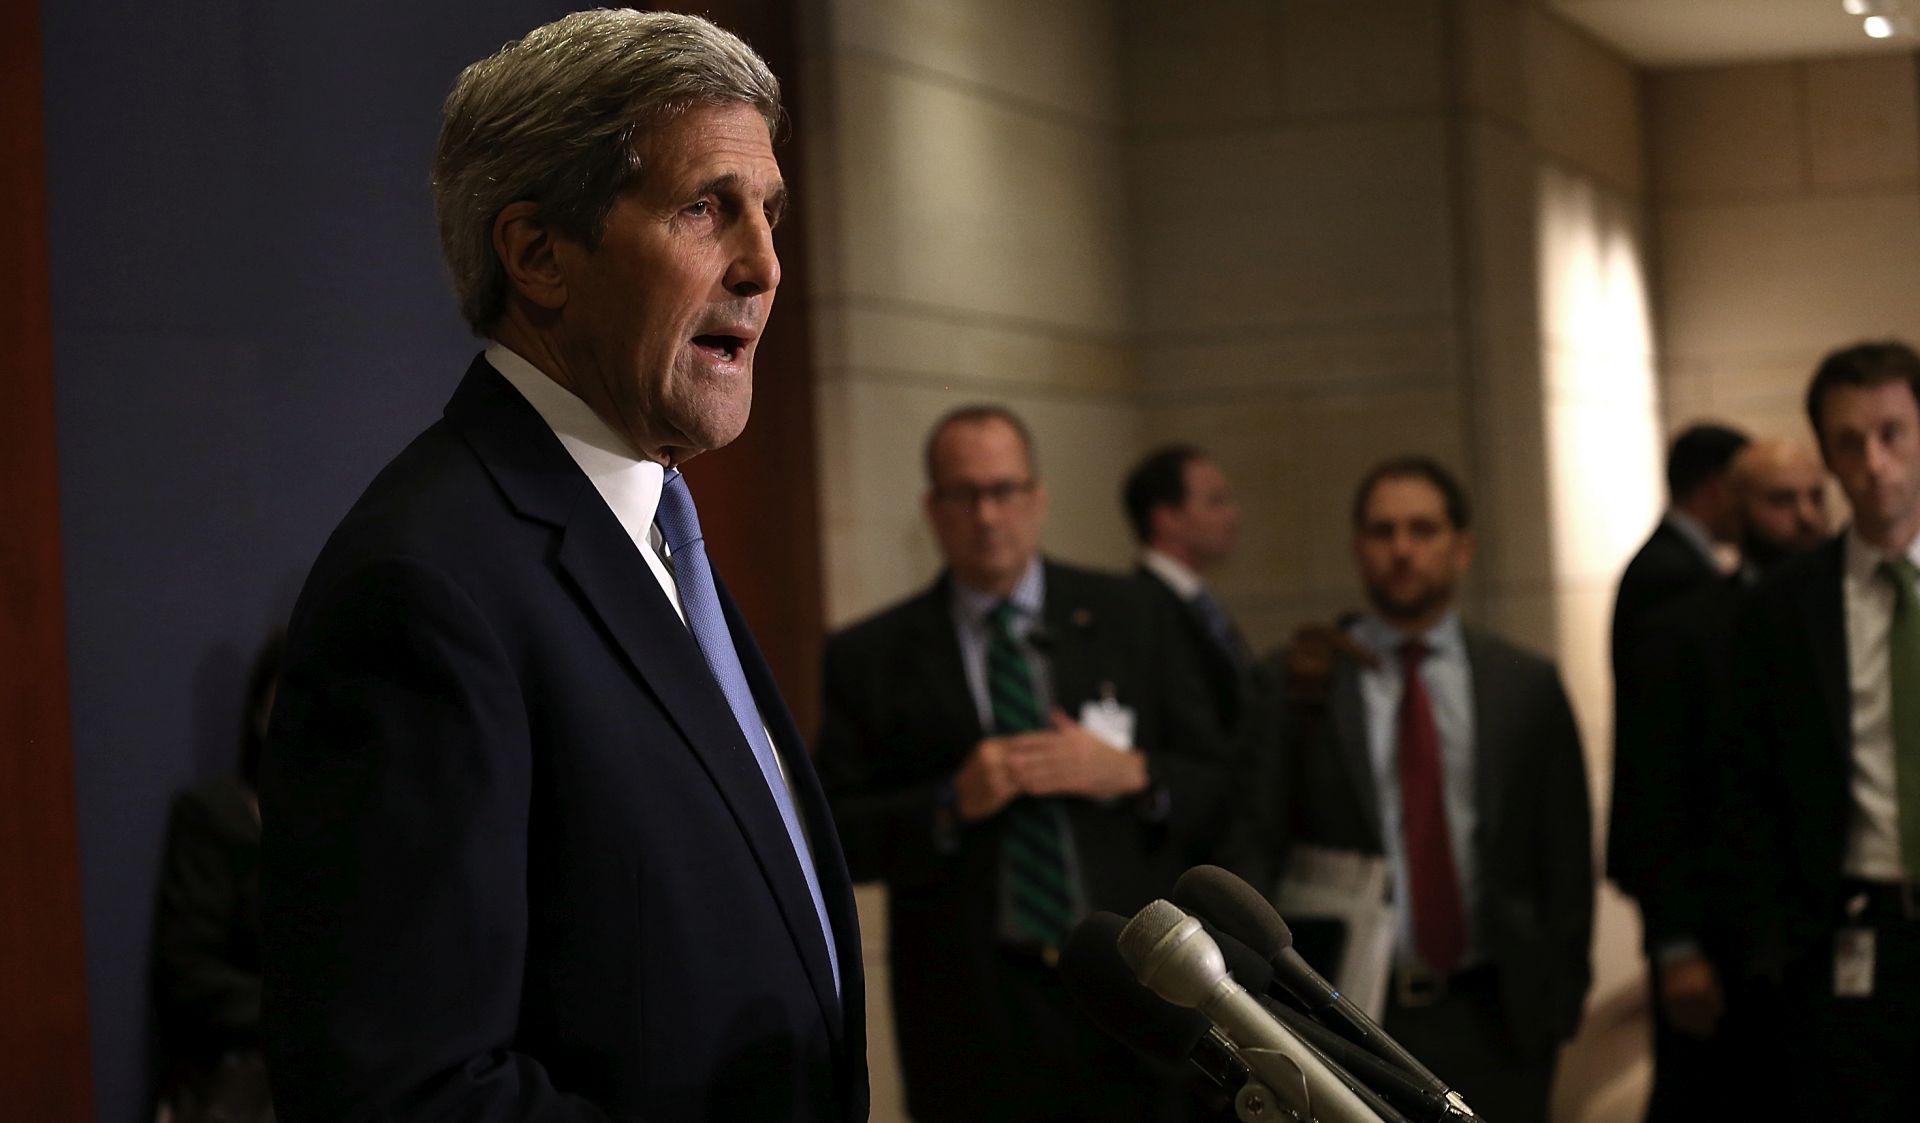 NAGODBA DOBRA ZA ČITAV SVIJET Kerry branio dogovor o iranskom nuklearnom programu